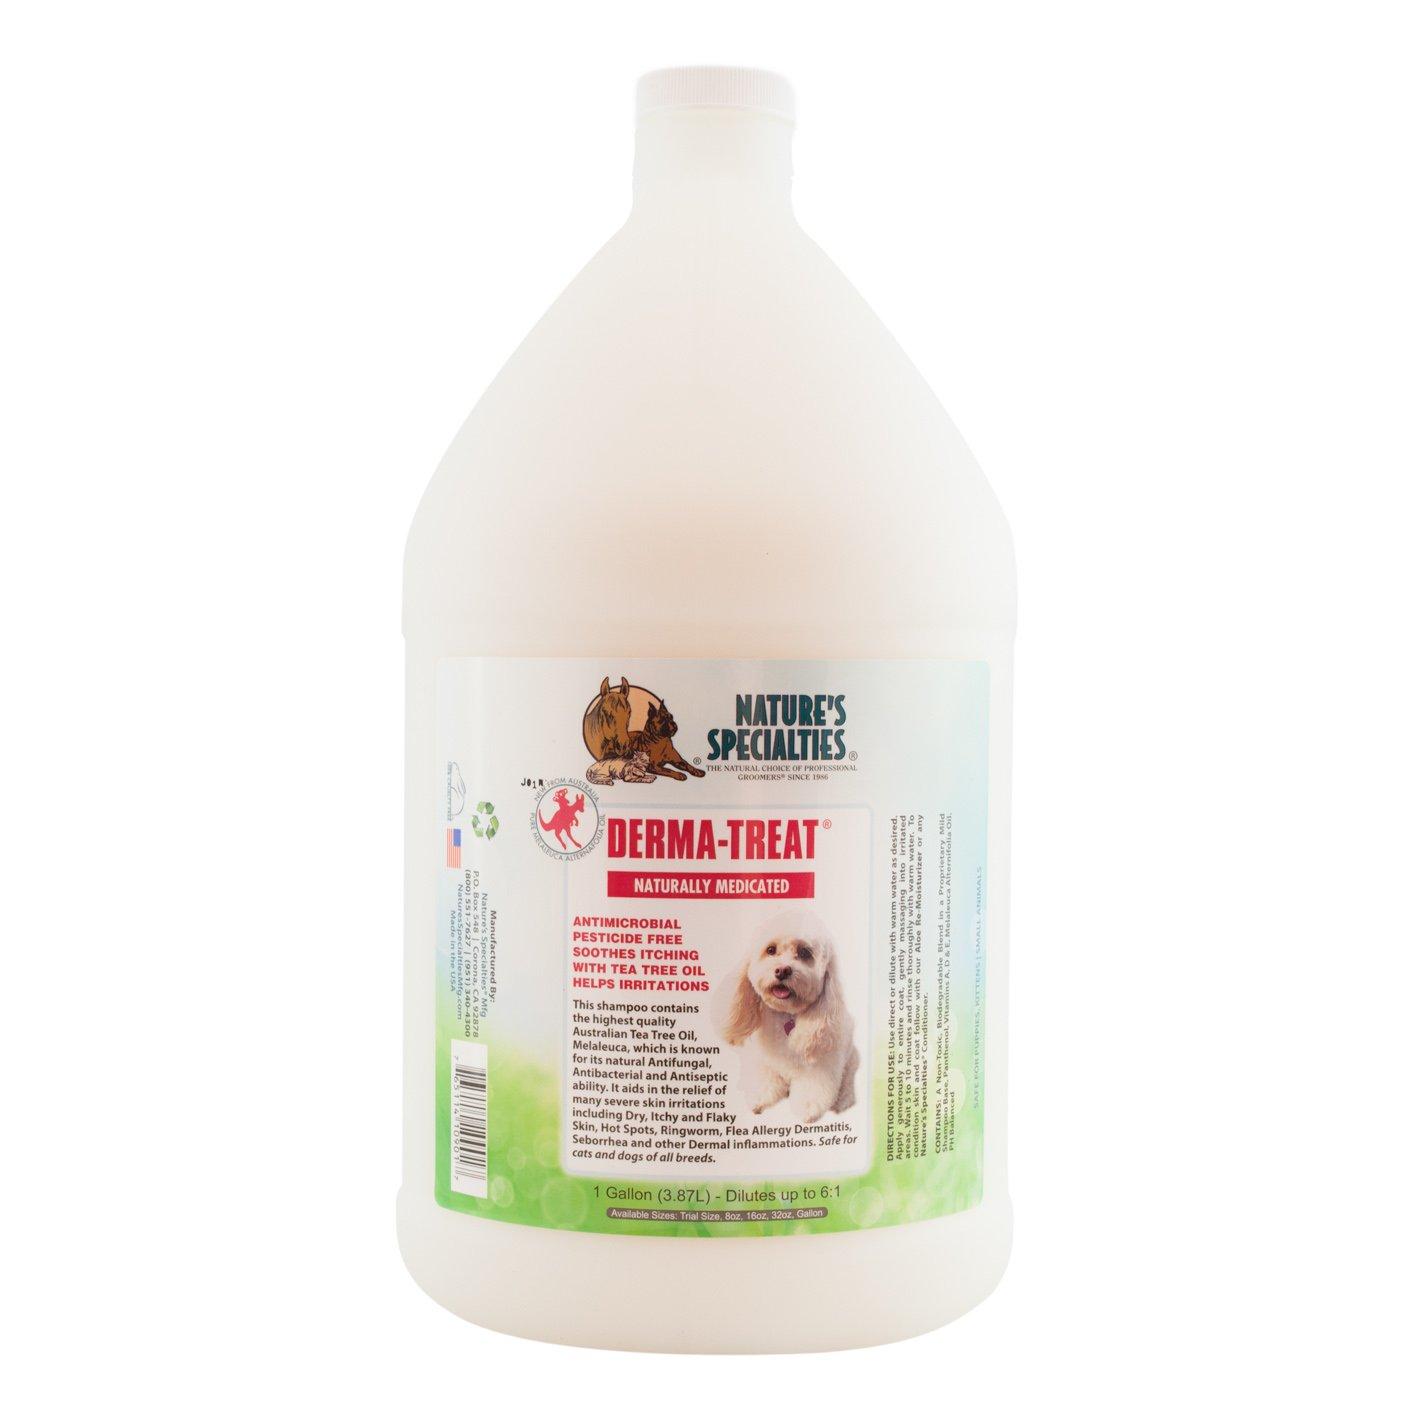 Nature's Specialties Derma Treat Pet Shampoo